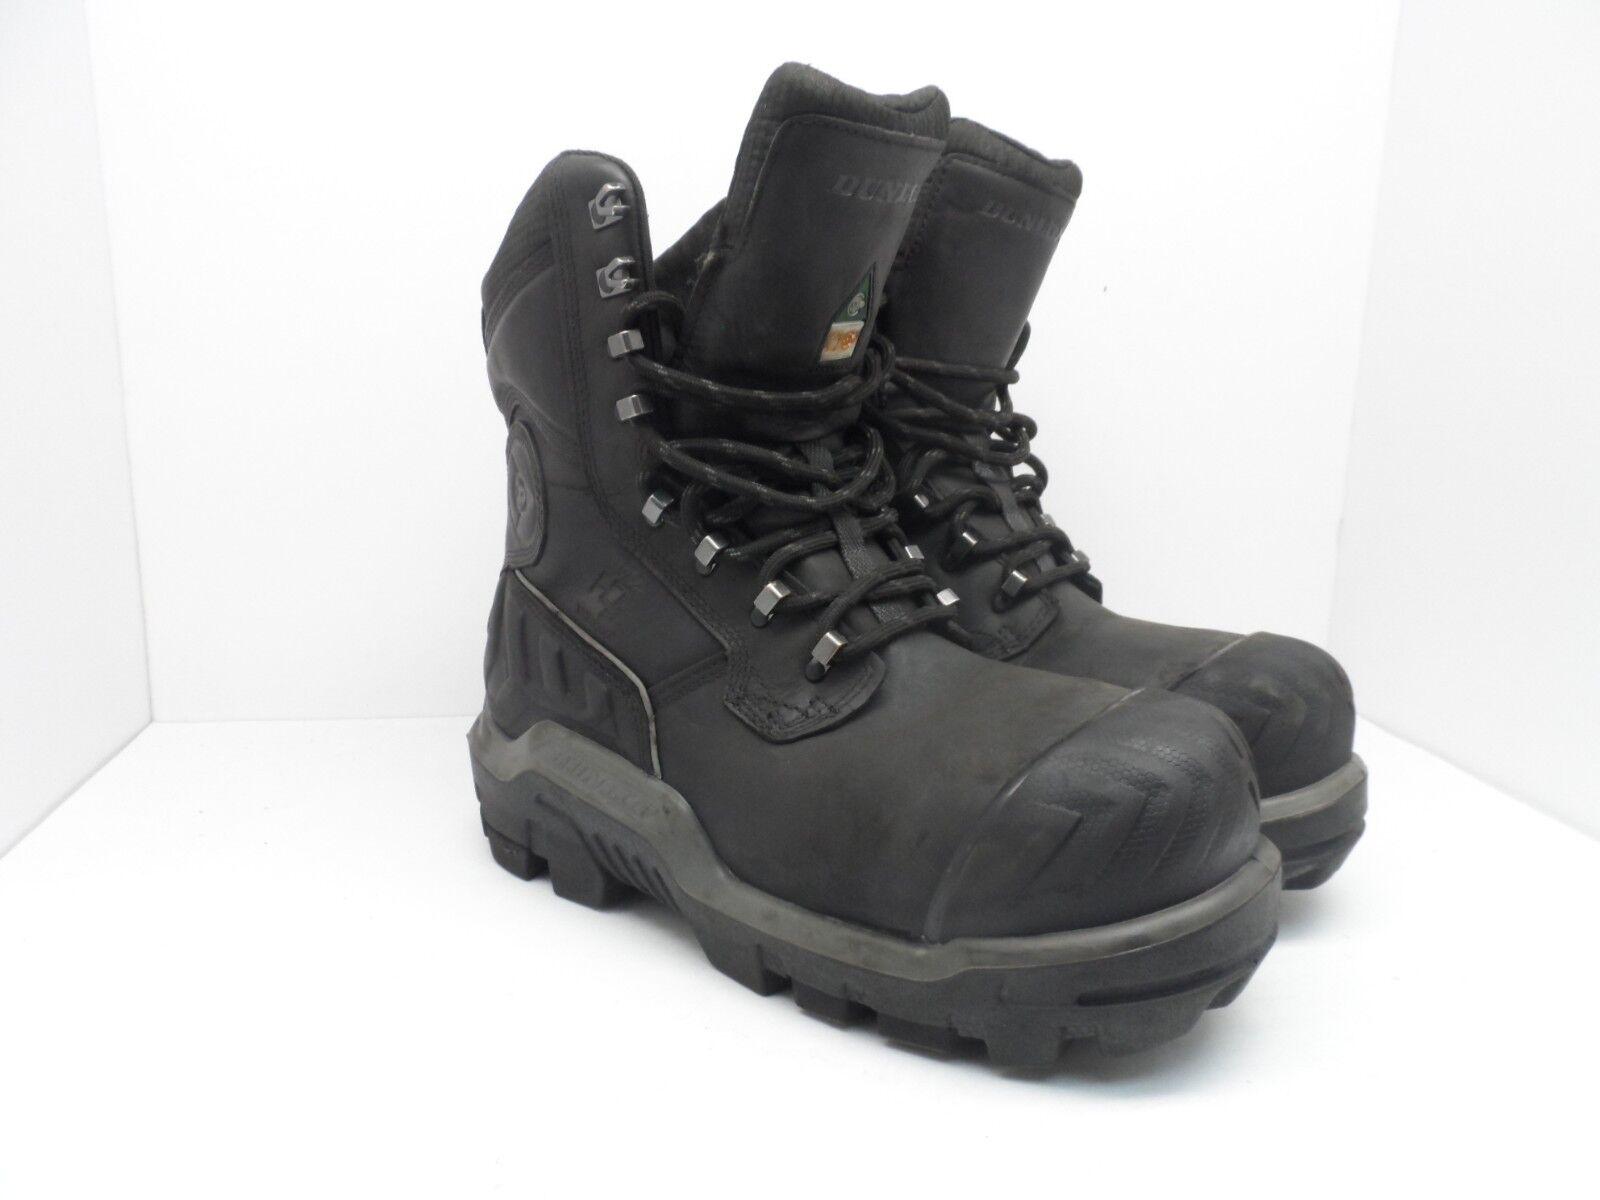 Dunlop Para Hombres 8  WP placa compuesto Composite Toe bota DLNA 16101 Negro 10 medio